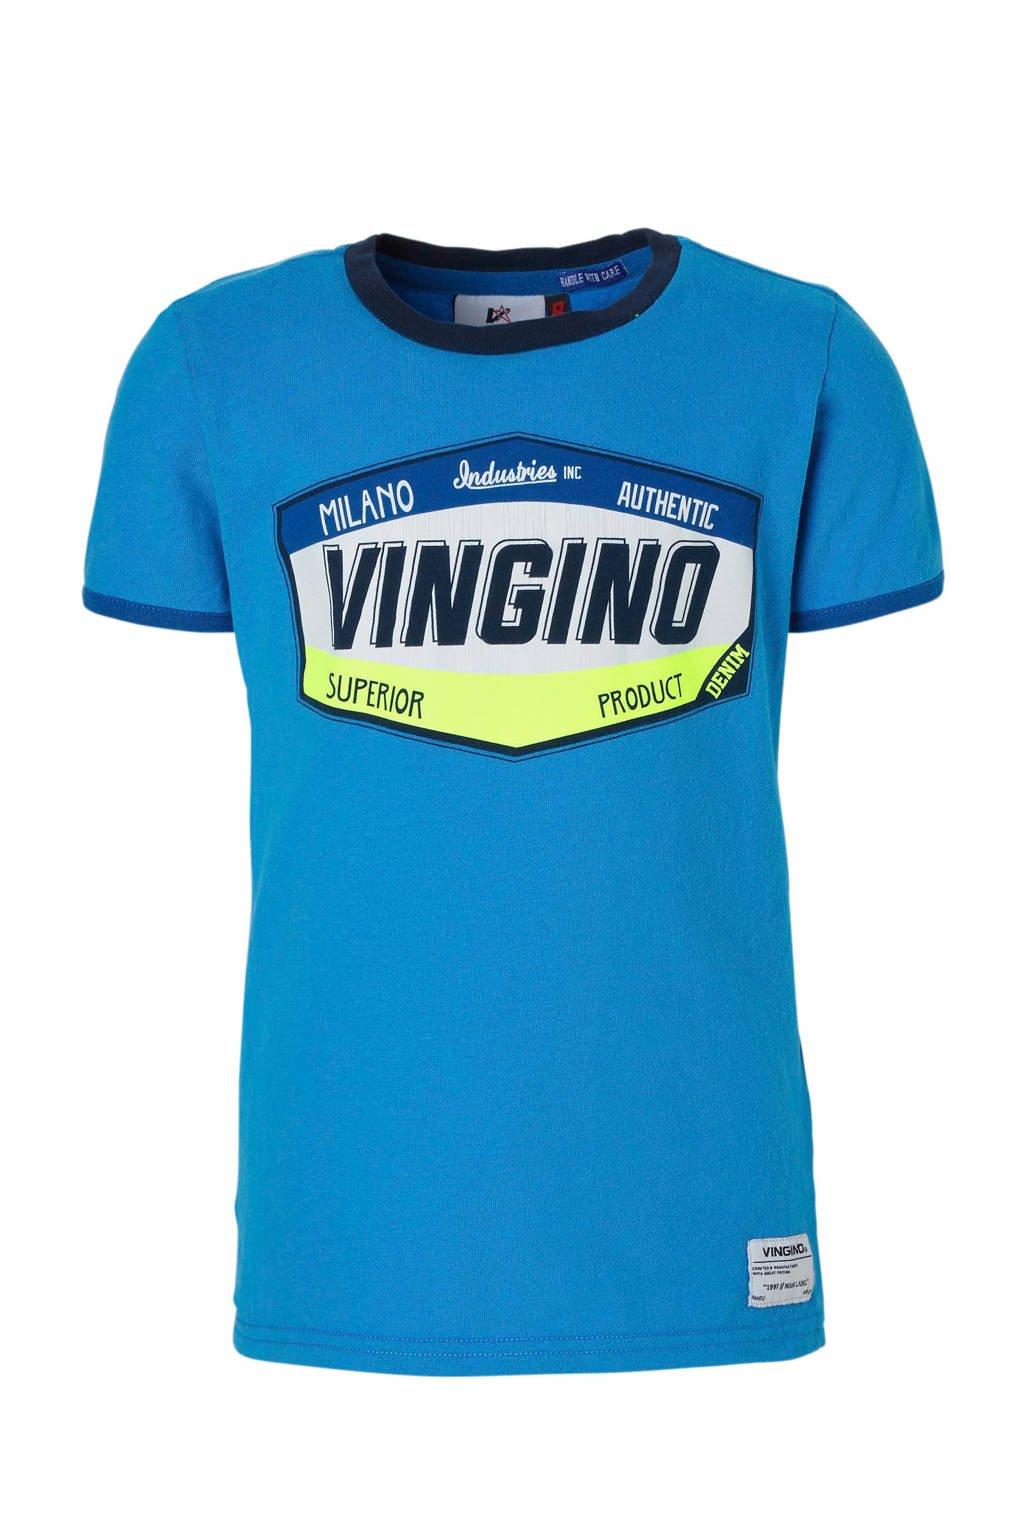 Vingino T-shirt Hantoine met print hardblauw, Hardblauw